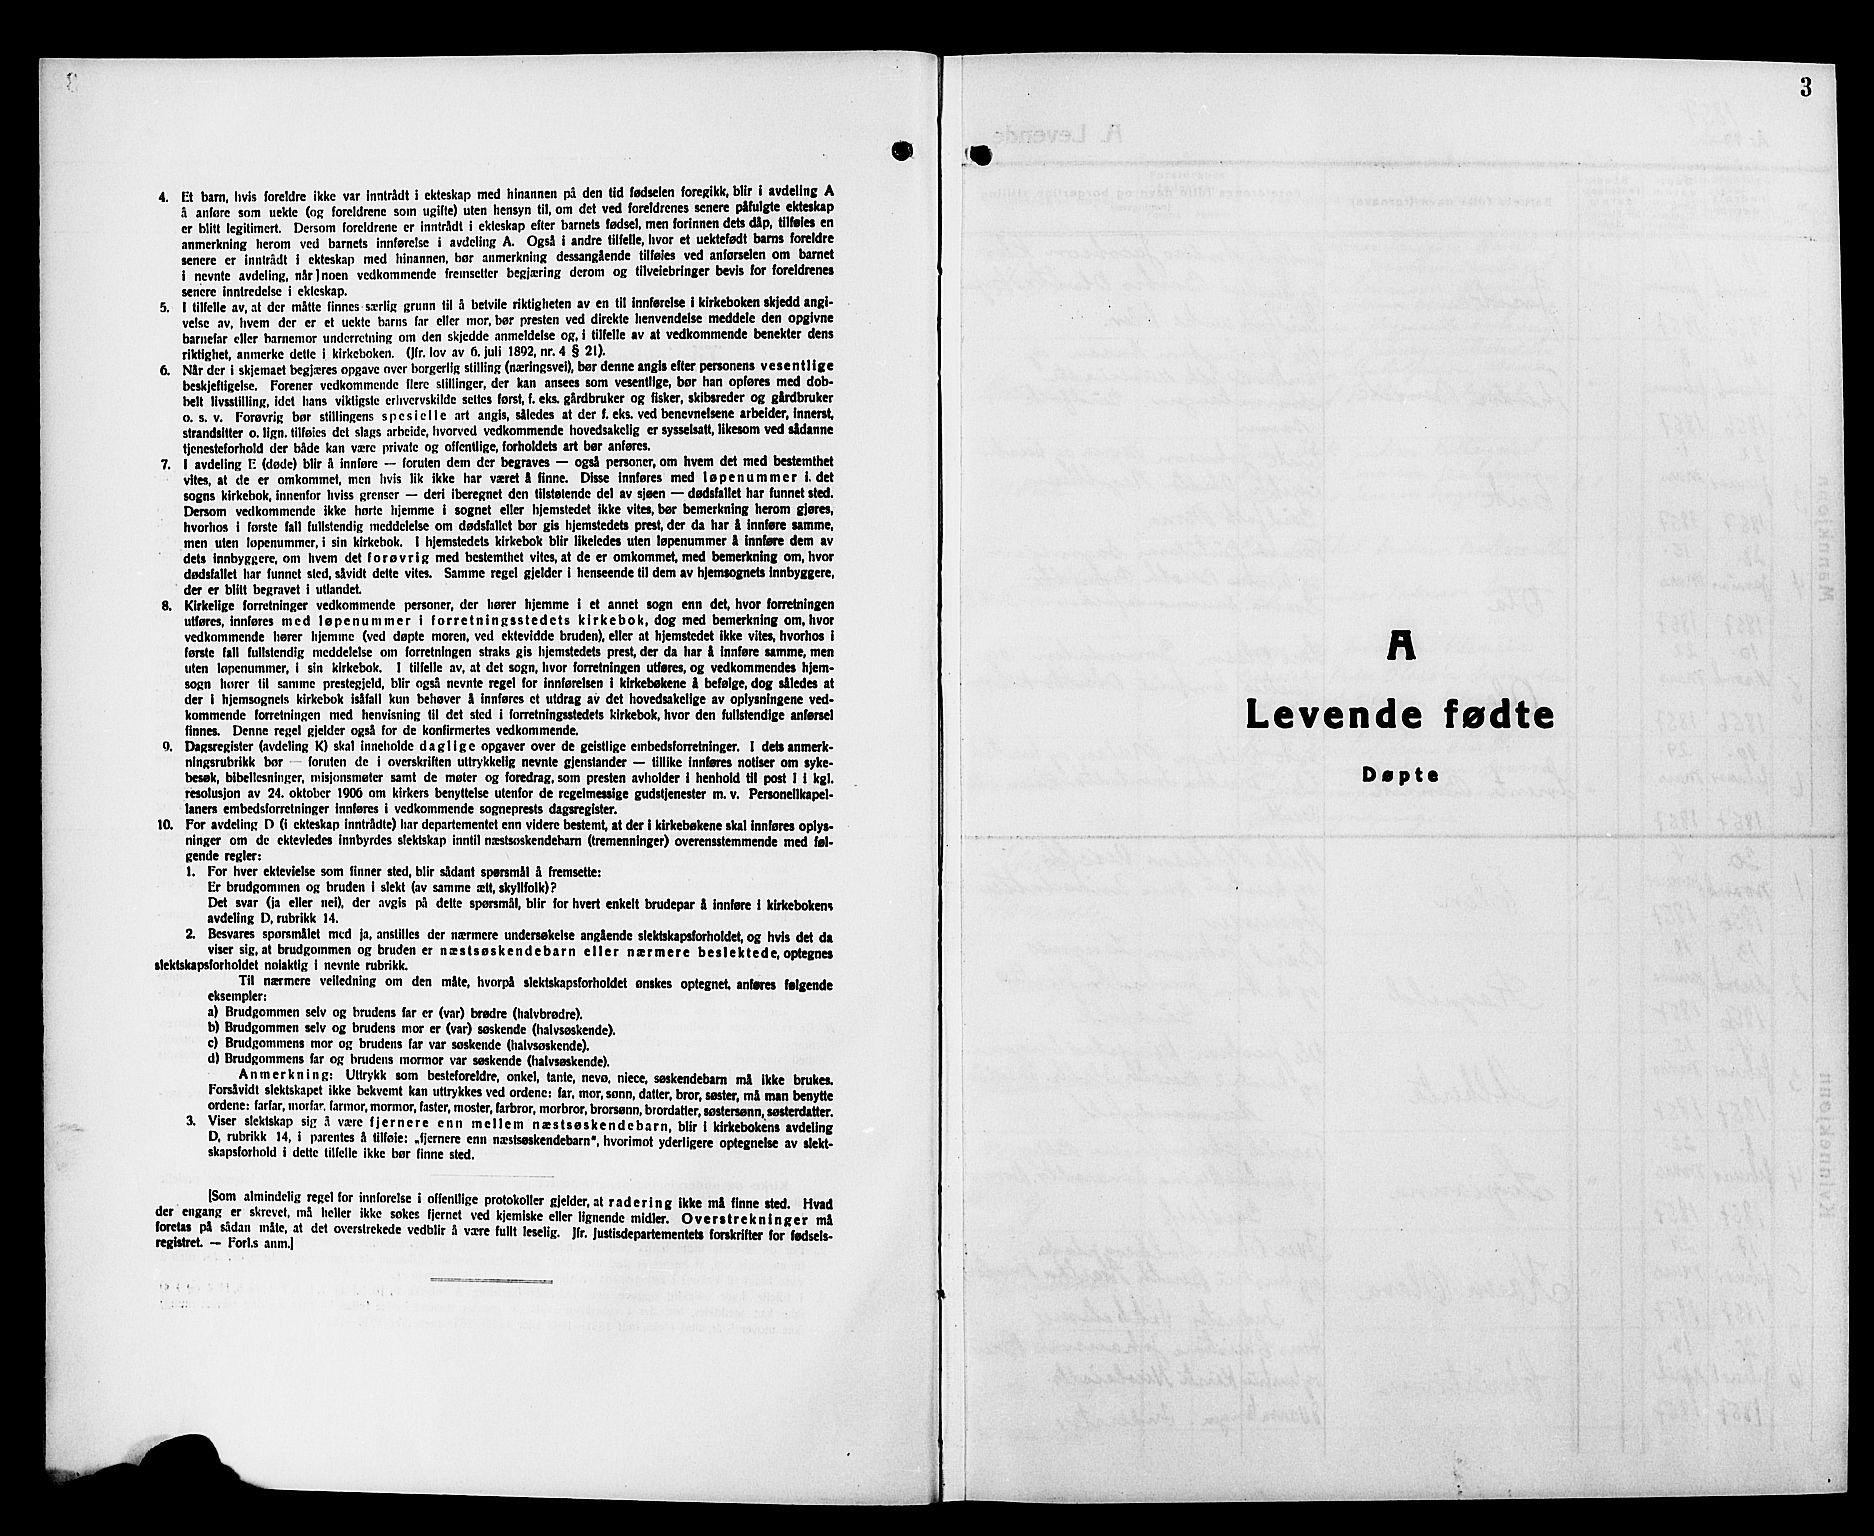 SAT, Ministerialprotokoller, klokkerbøker og fødselsregistre - Nord-Trøndelag, 749/L0485: Ministerialbok nr. 749D01, 1857-1872, s. 3